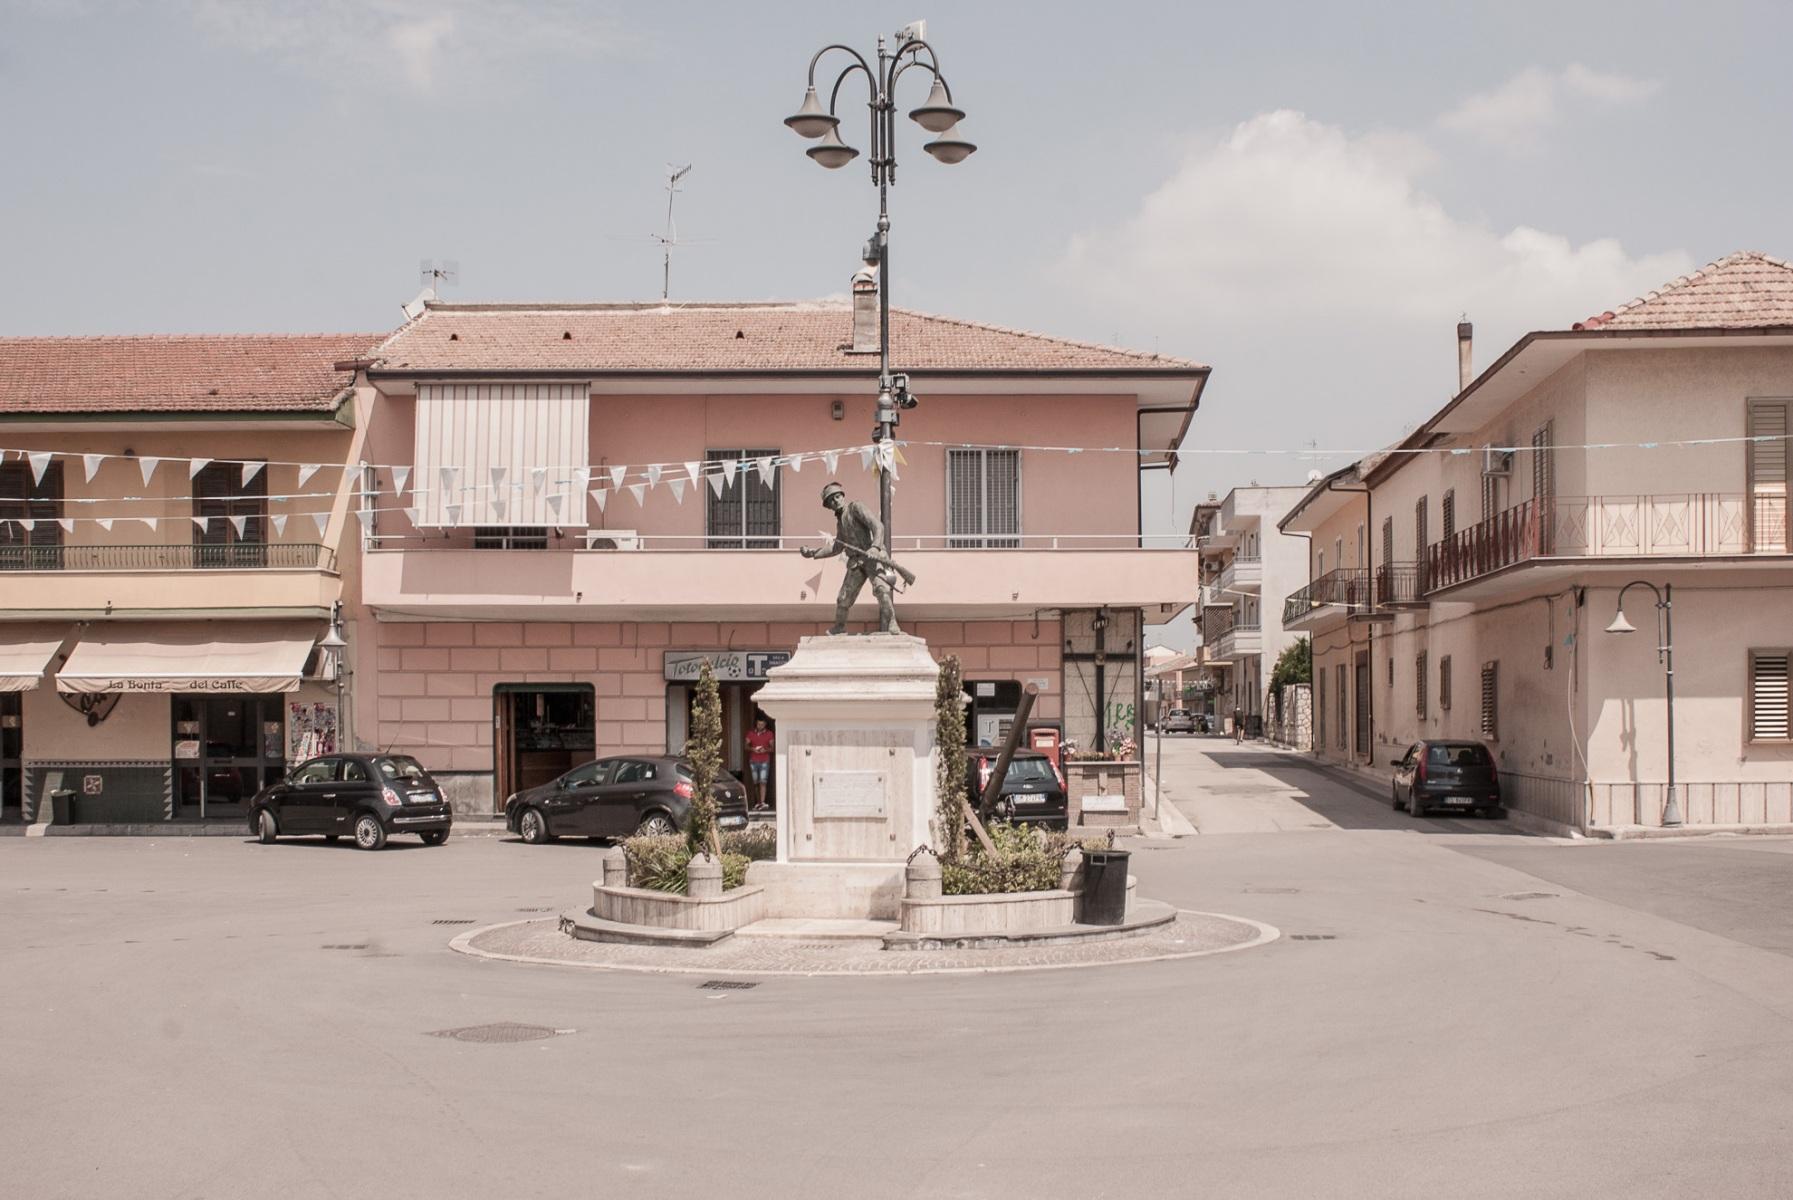 CASAL-DI-PRINCIPE-Centro-indiscusso-della-camorra-casertana-le-cui-attività-illegali-si-diramano-in-ampi-settori-delleconomia.